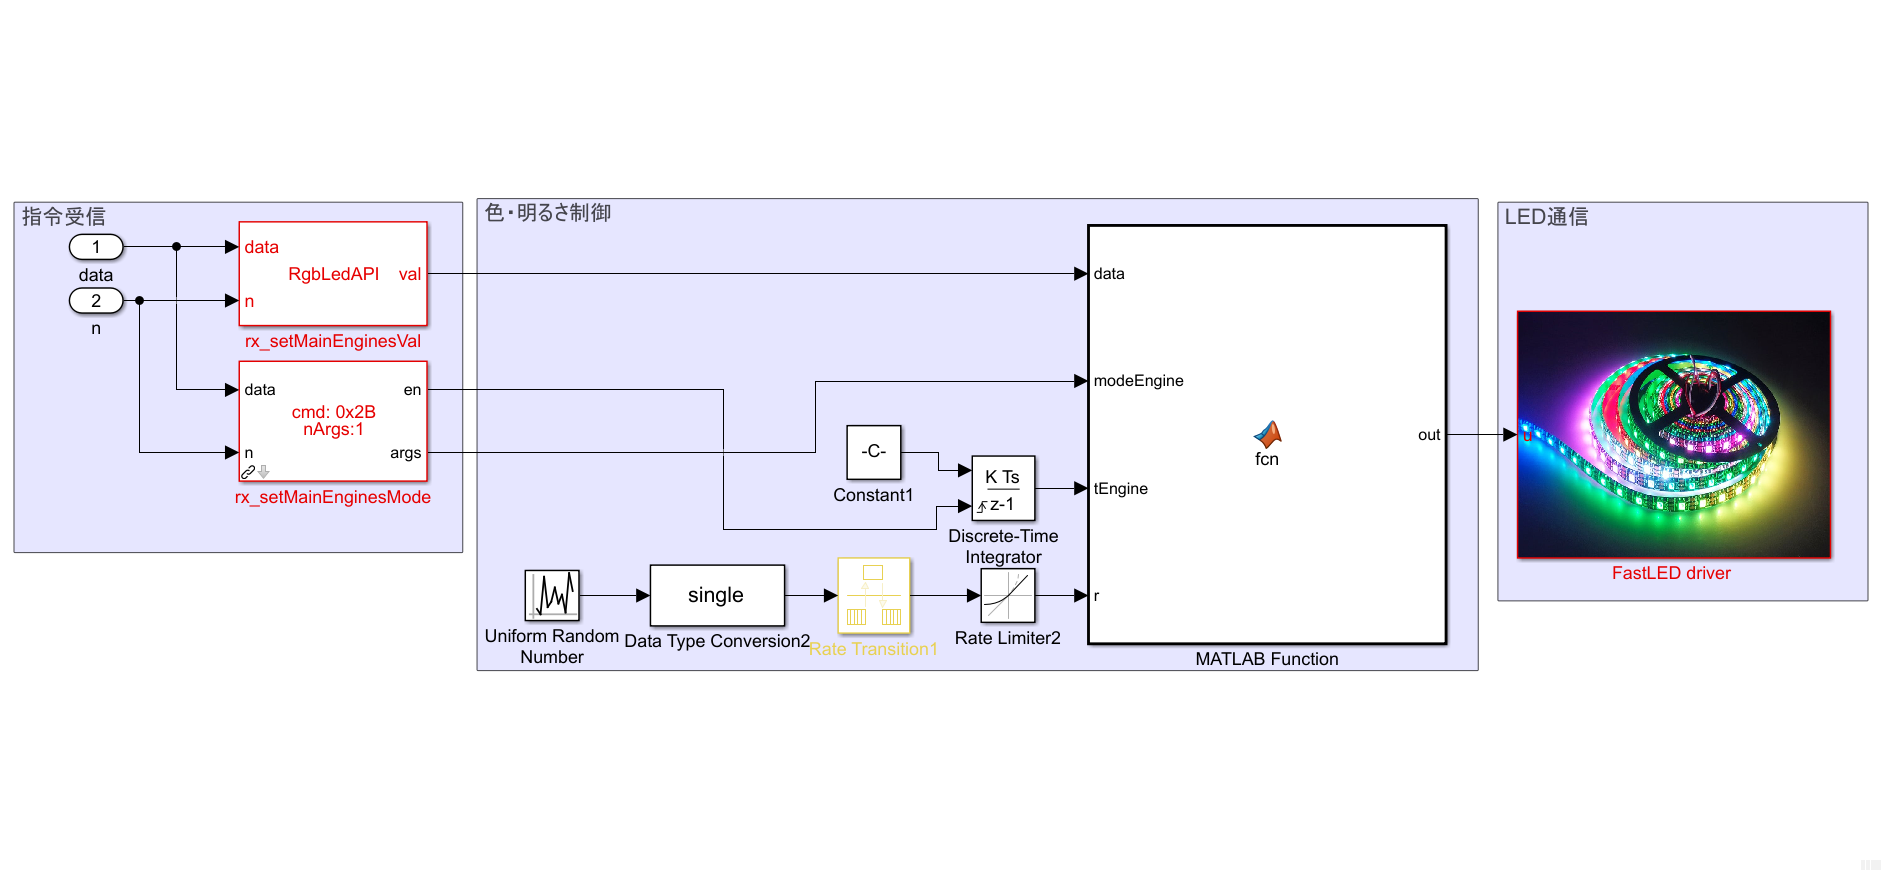 図 6. メインエンジン制御ロジック